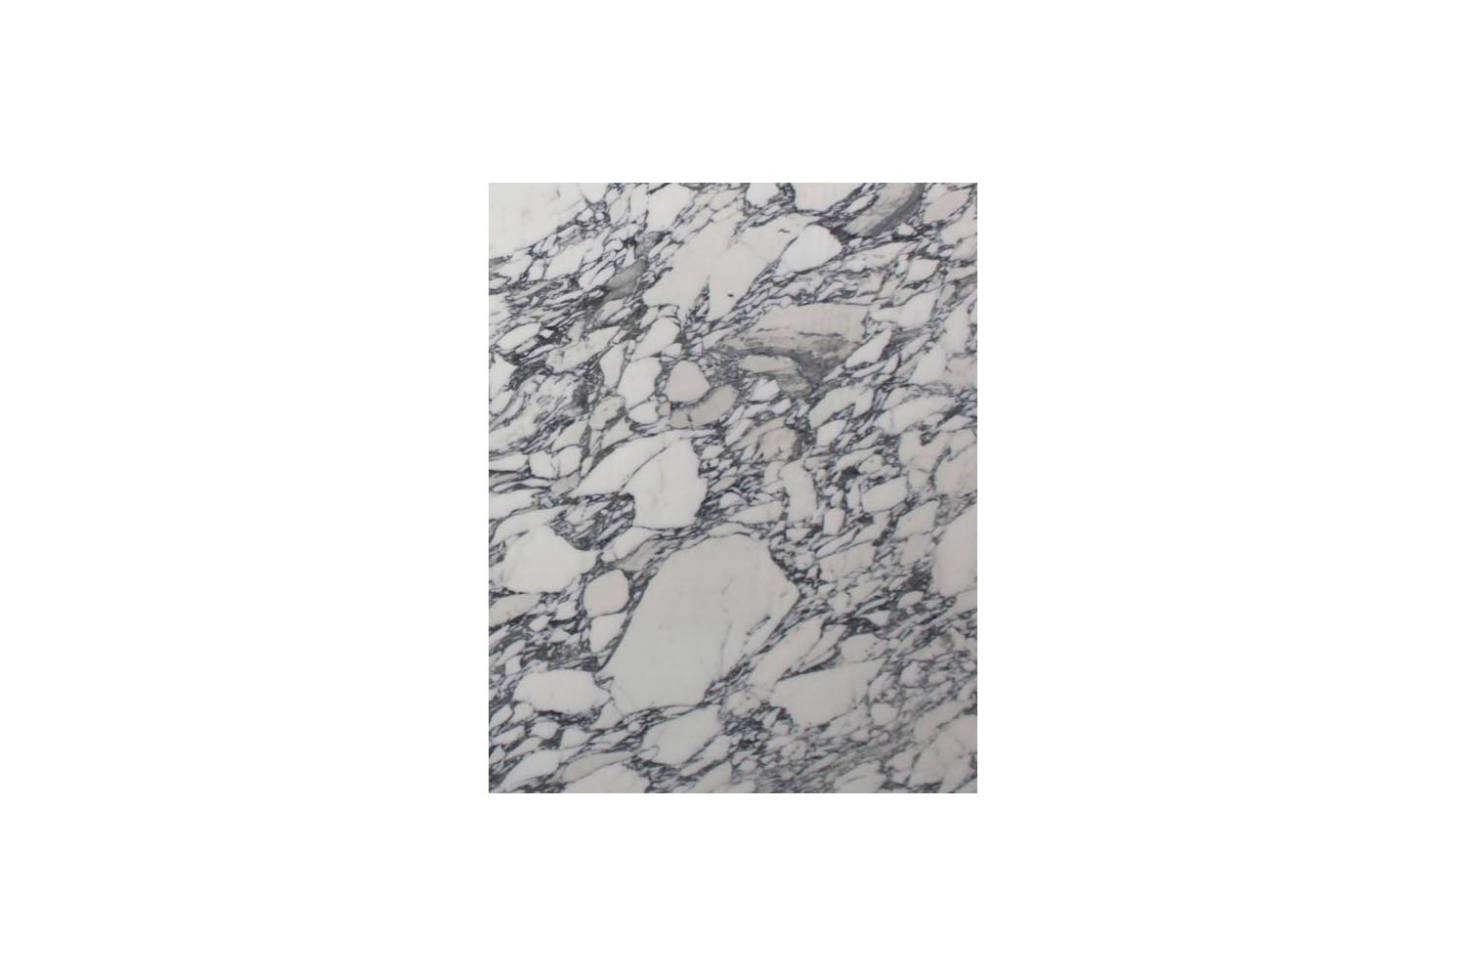 O backsplash atrás da bacia é projetado com mármore Arabescato.  Para algo semelhante com veios escuros, a Tristone & Tile da Califórnia oferece o Arabescato Corchia src =